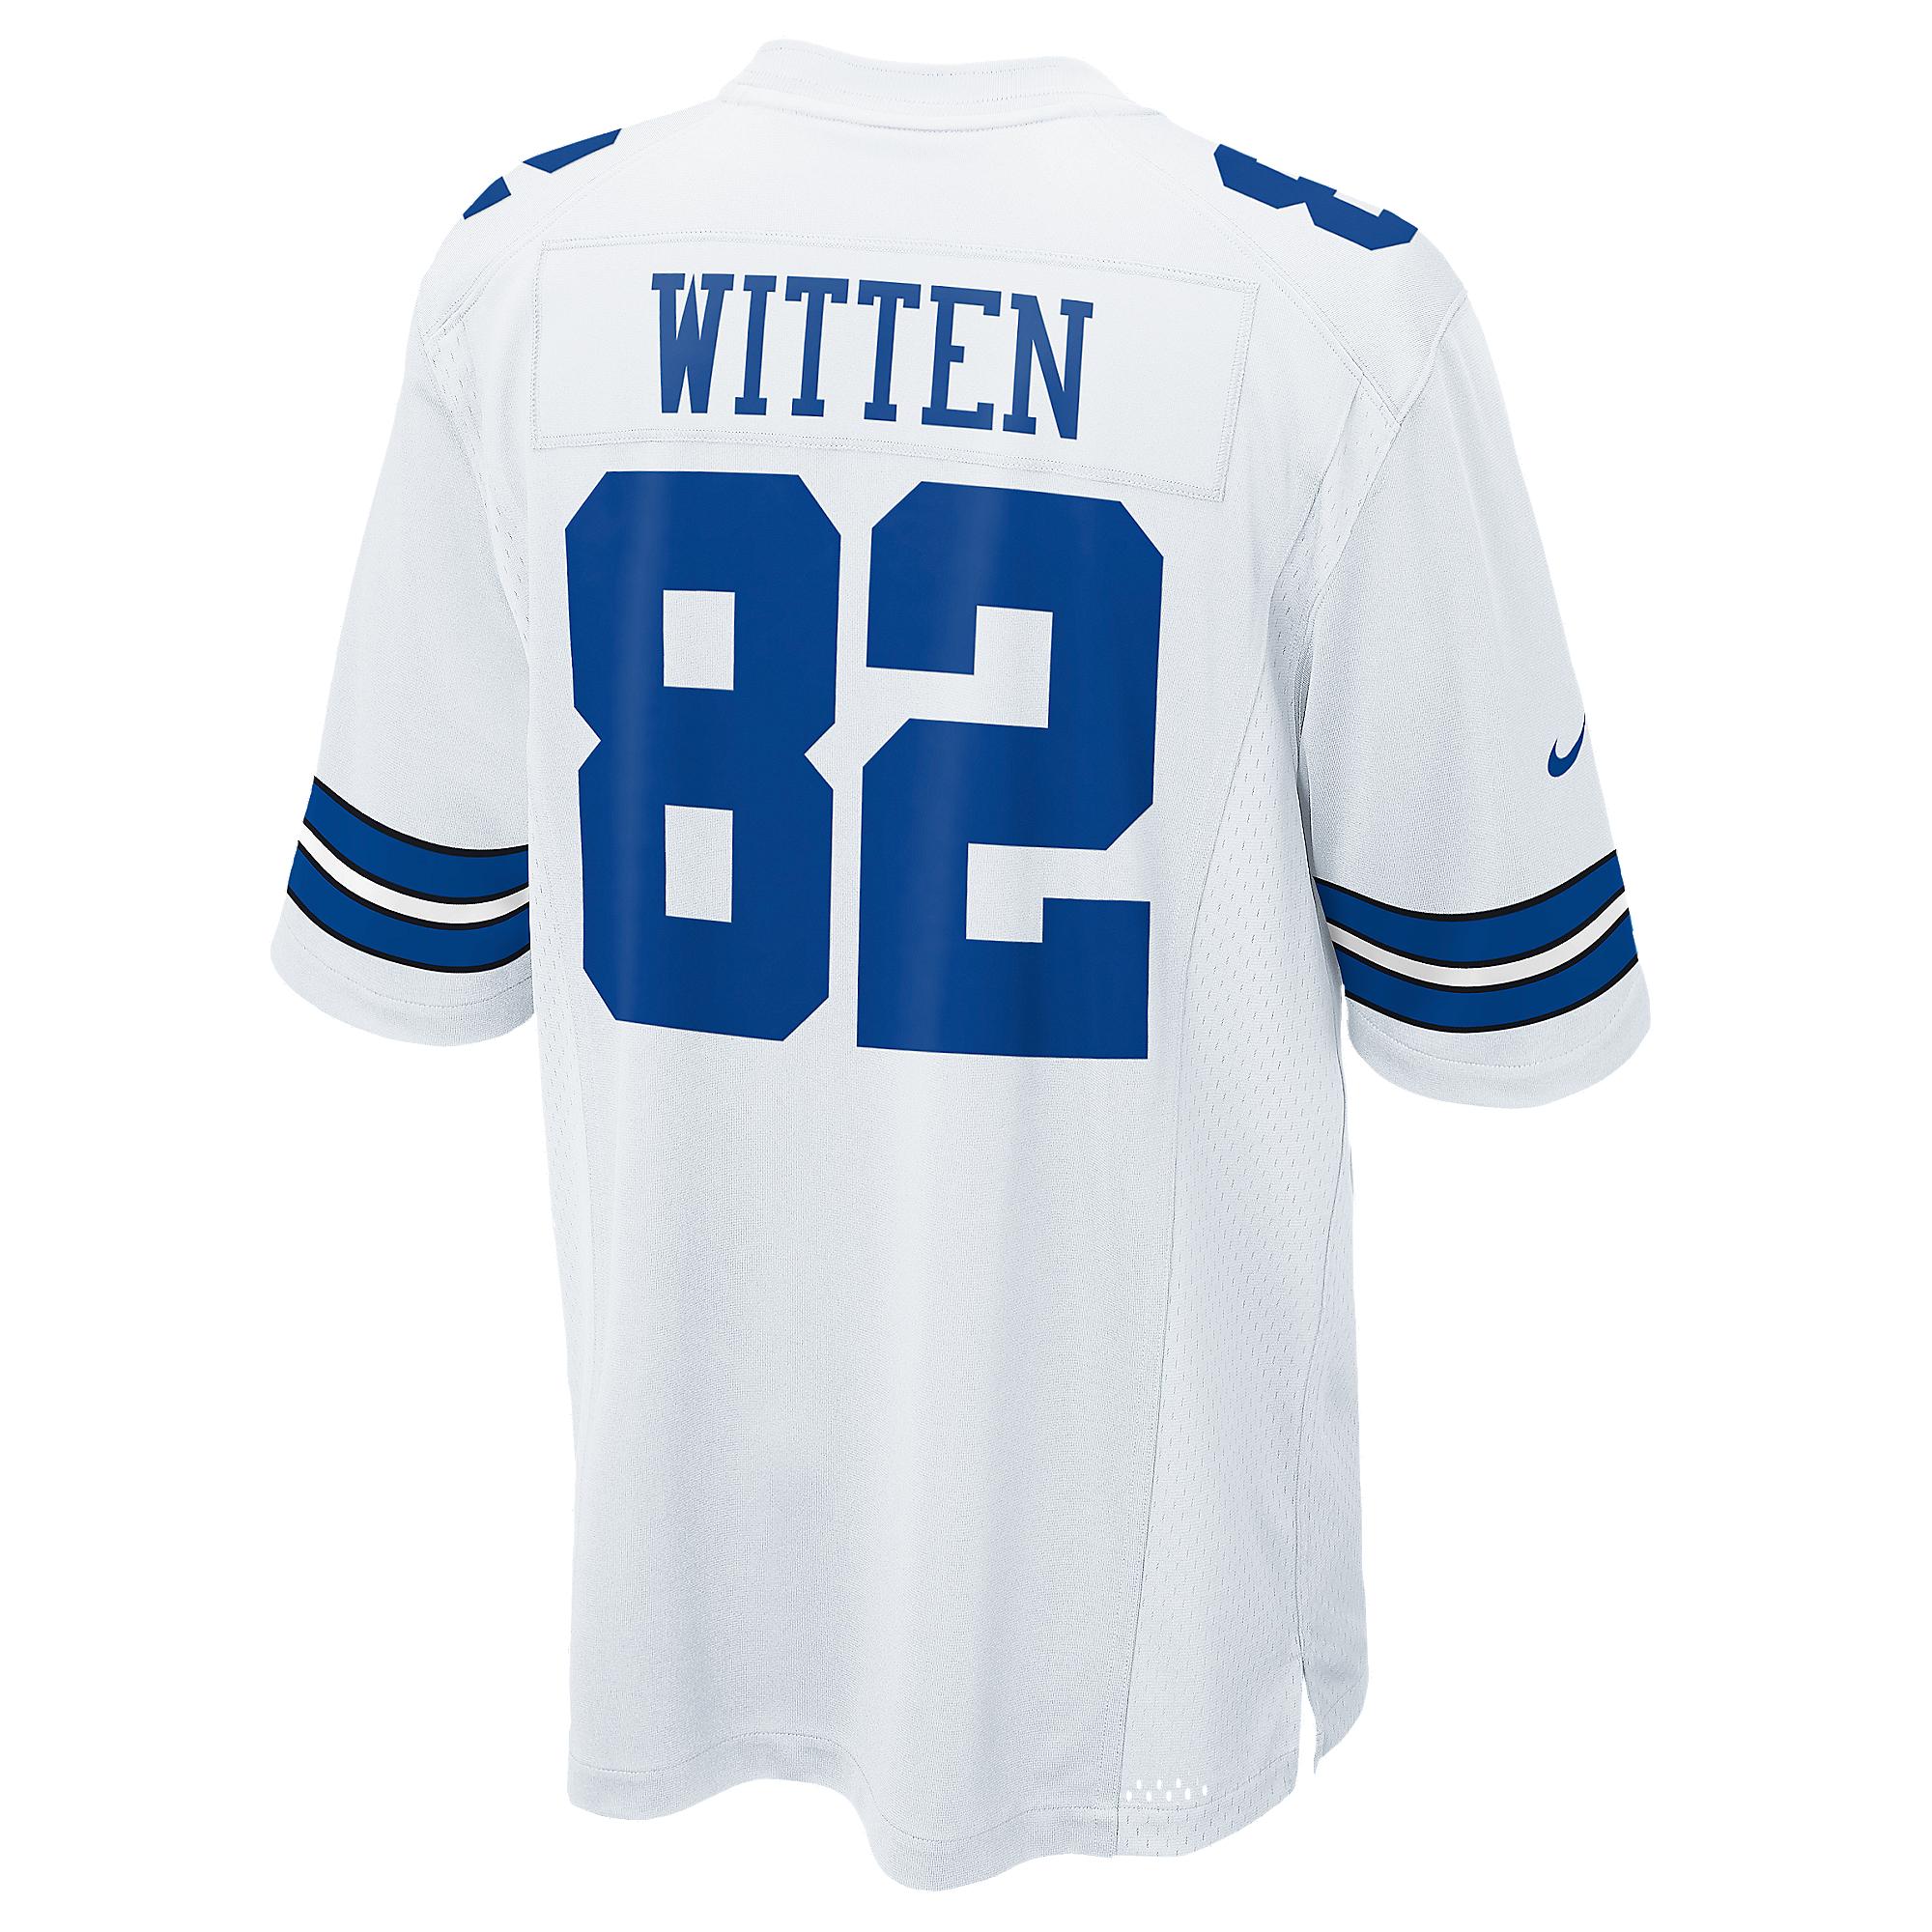 uk availability b706d 3954d Dallas Cowboys Jason Witten #82 Nike White Game Jersey 3XL-4XL | Dallas  Cowboys Pro Shop